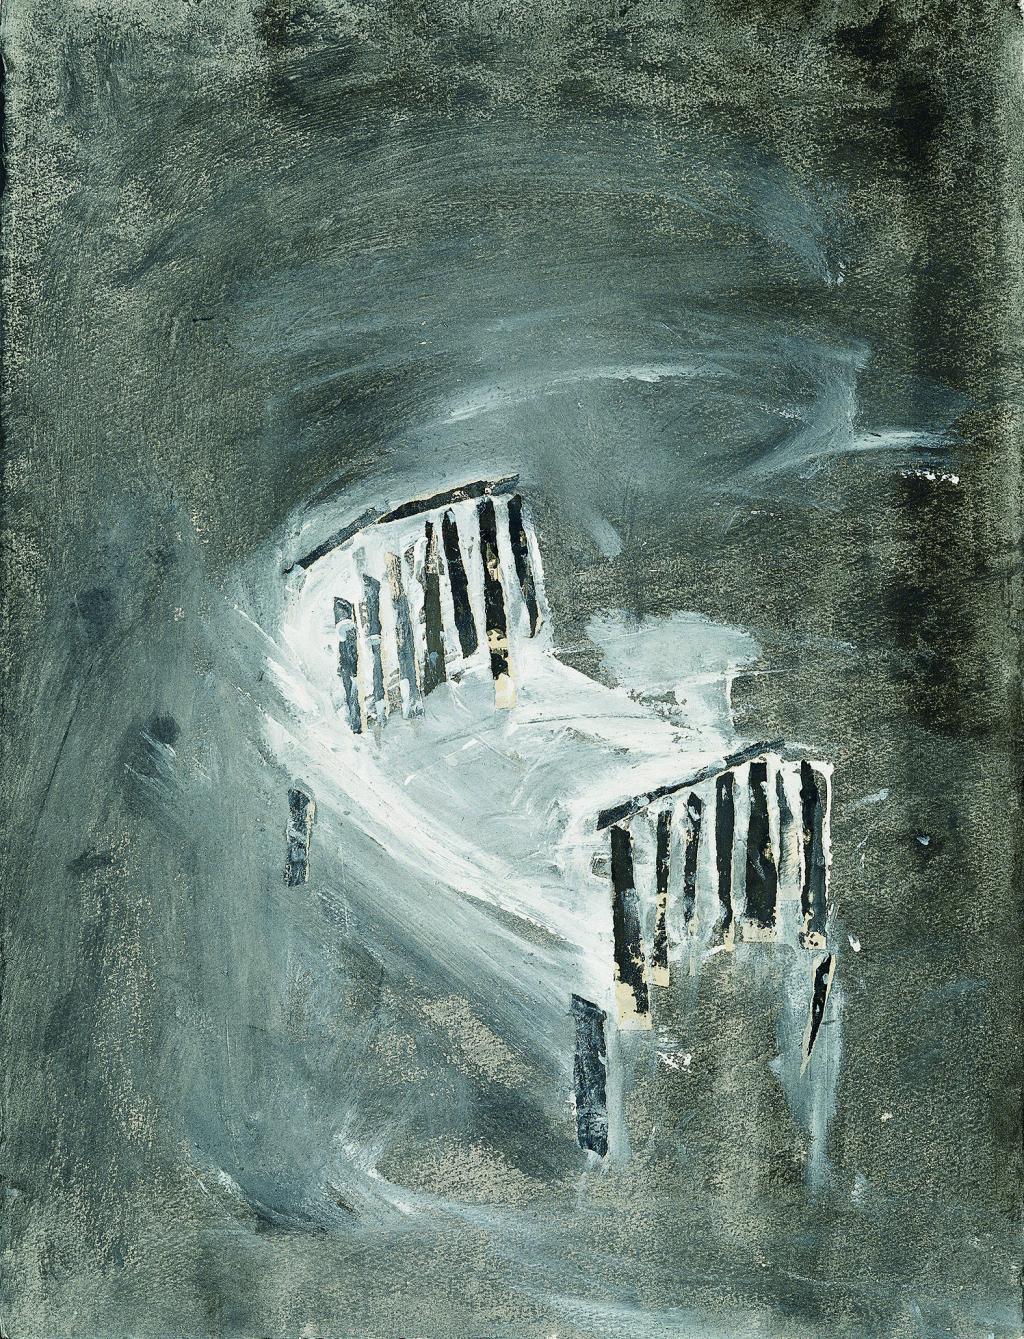 La cama escayolada (2001) - Rossana Zaera Clausell